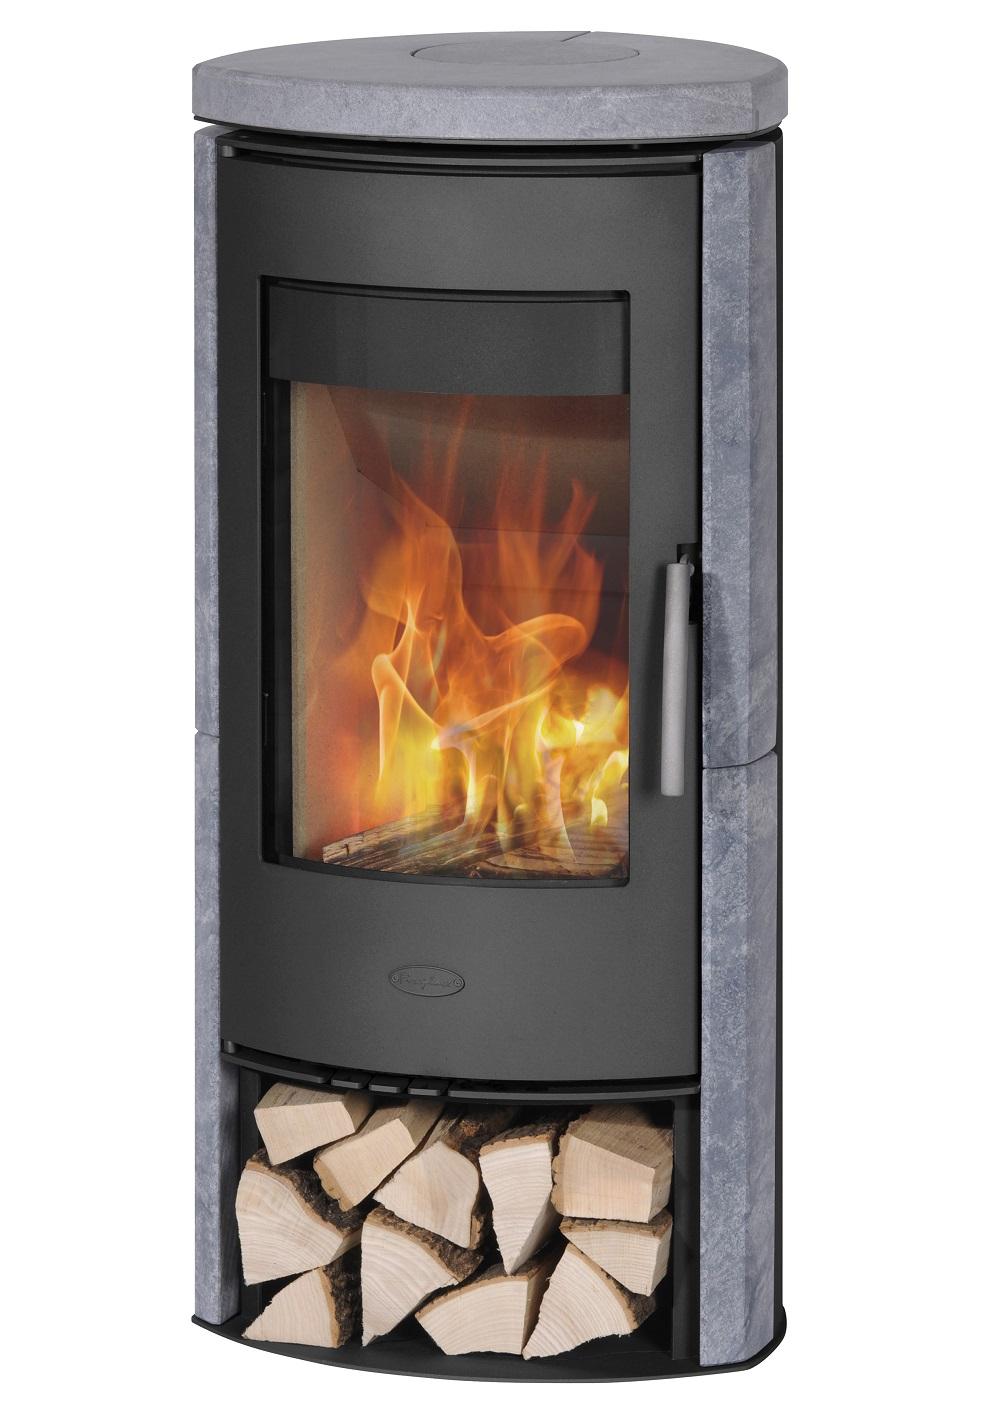 kaminofen innenkamin zanzibar specksteinofen 5 kw von fireplace g nstig online kaufen. Black Bedroom Furniture Sets. Home Design Ideas